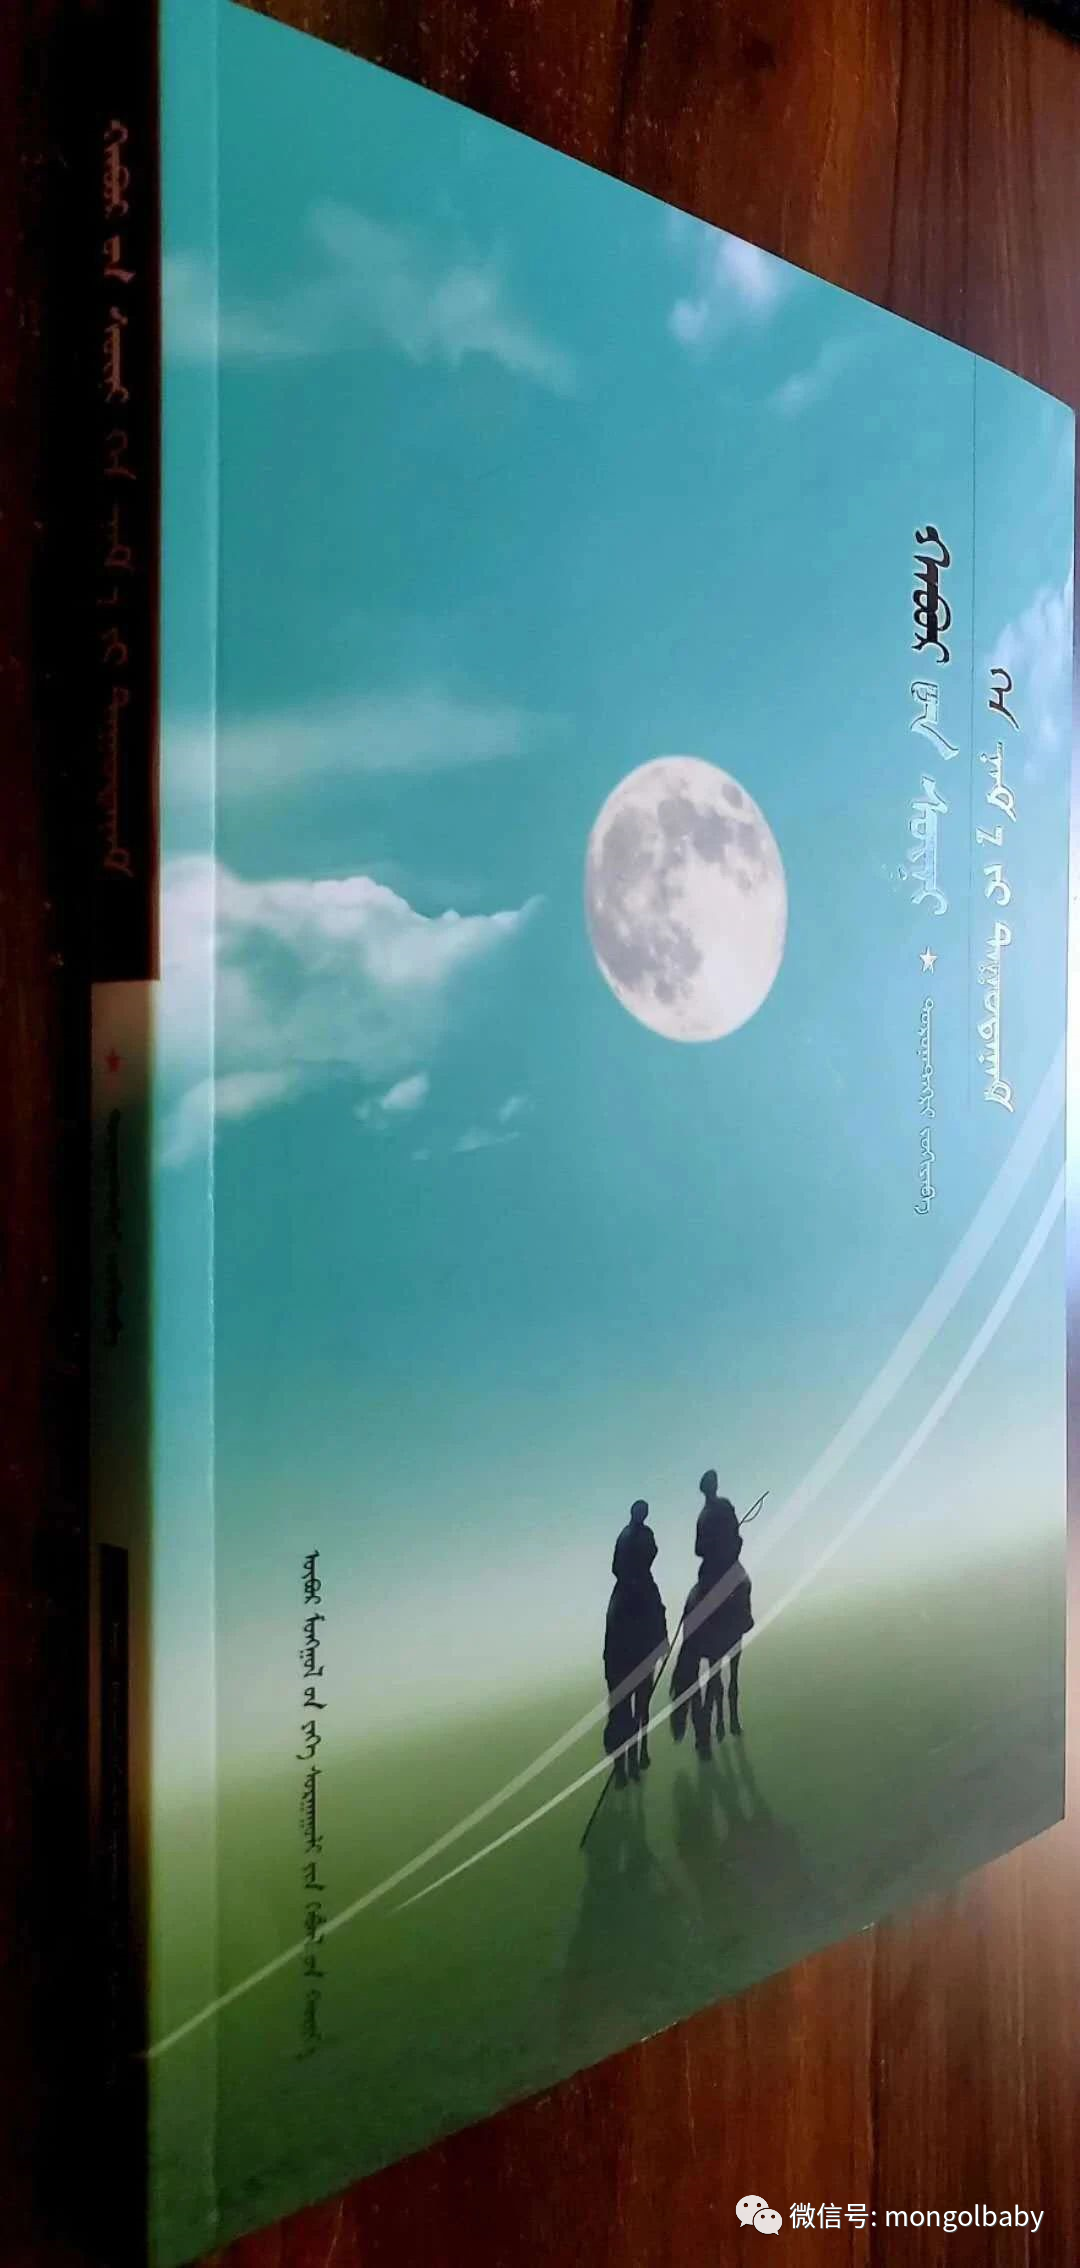 """我区三位蒙古族作家荣获""""骏马奖""""~ 第6张 我区三位蒙古族作家荣获""""骏马奖""""~ 蒙古文化"""